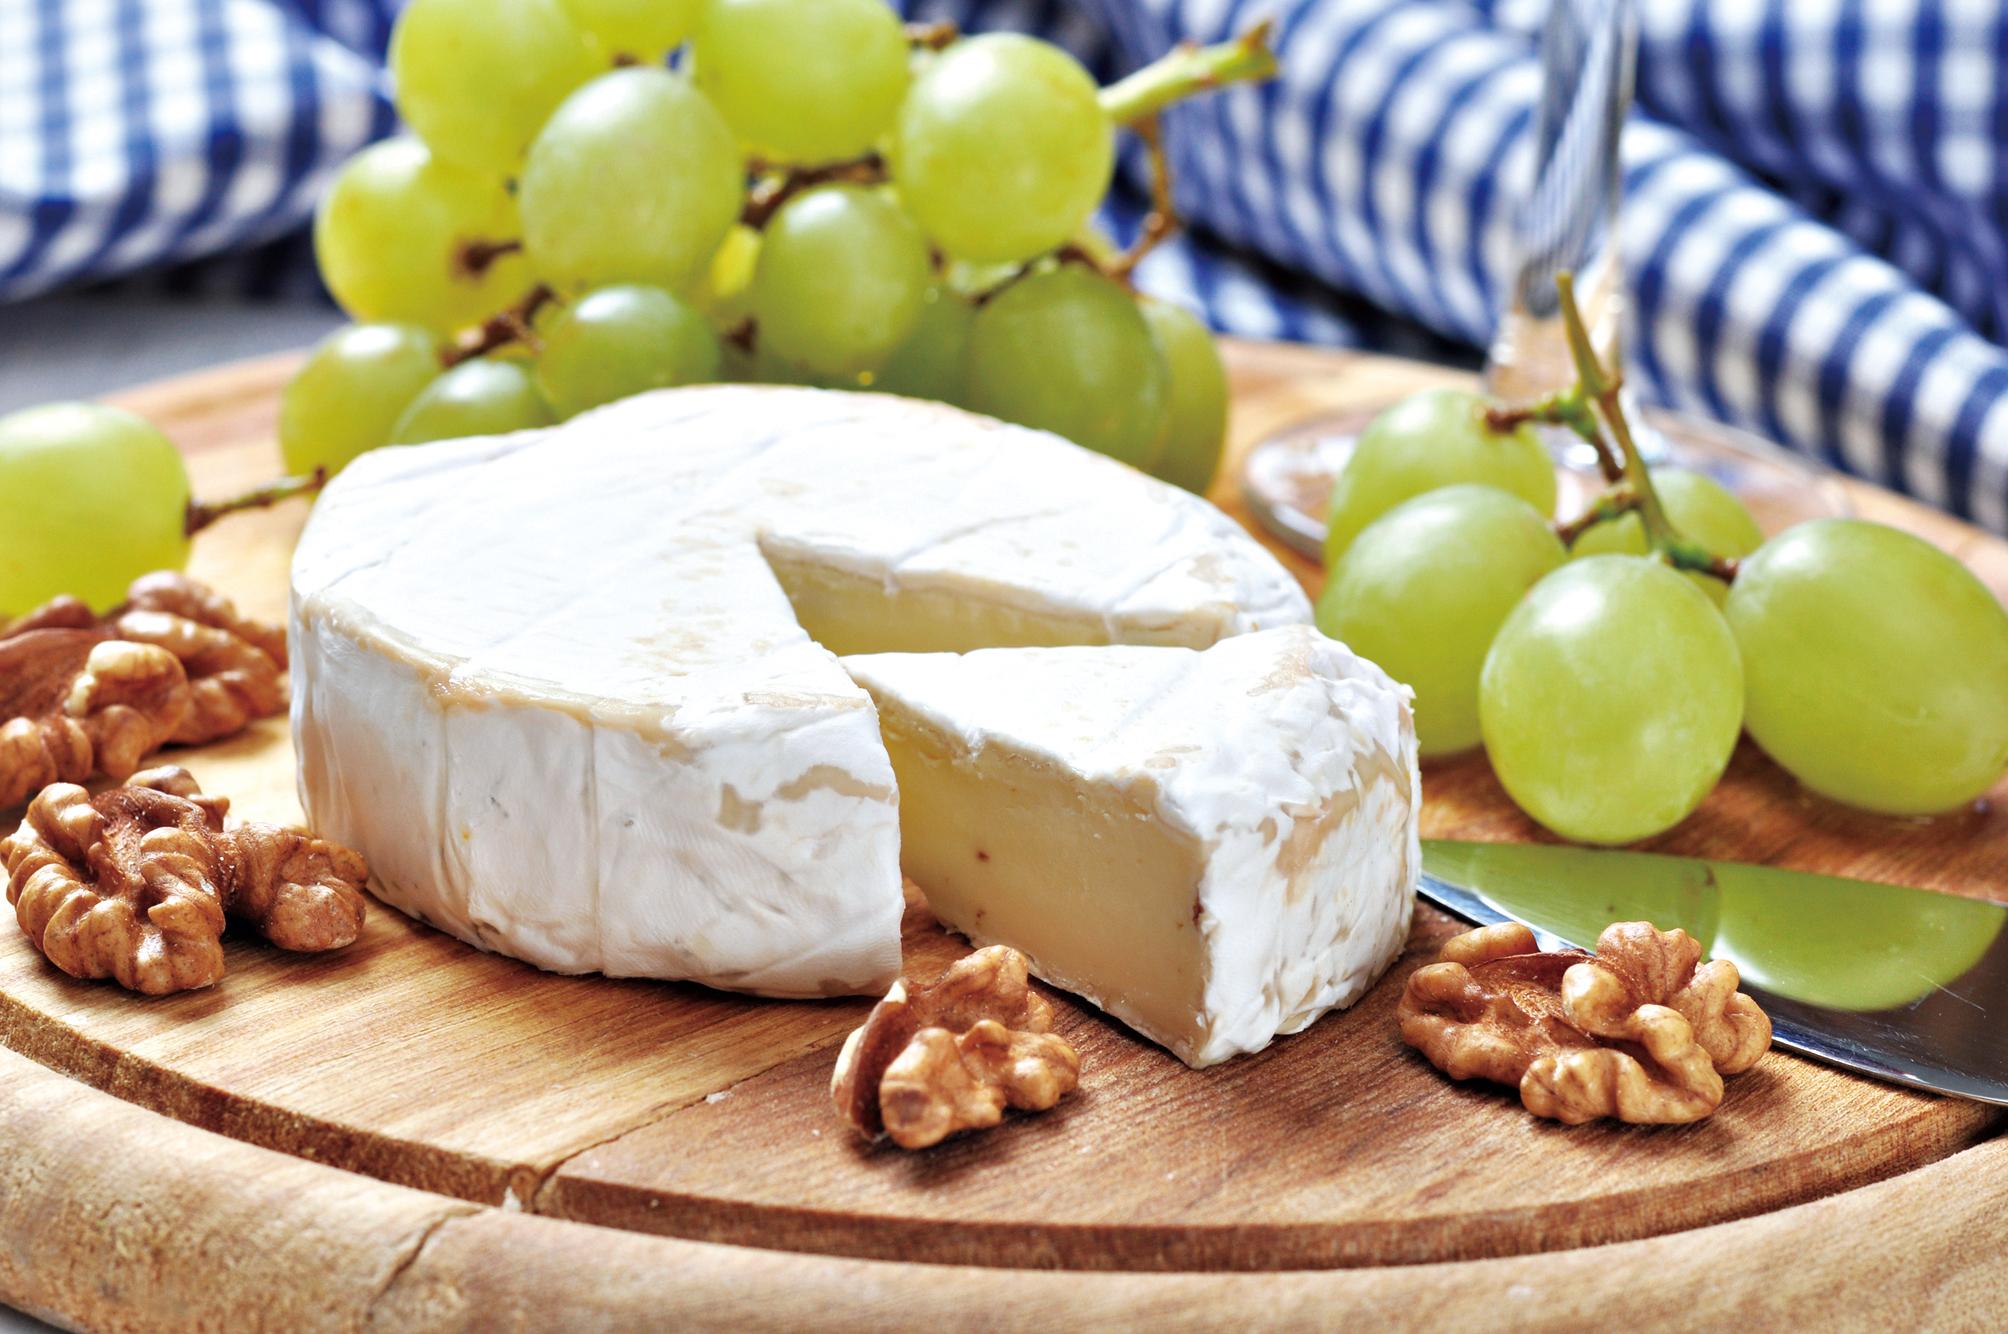 法國國宴珍品 卡芒貝爾奶酪